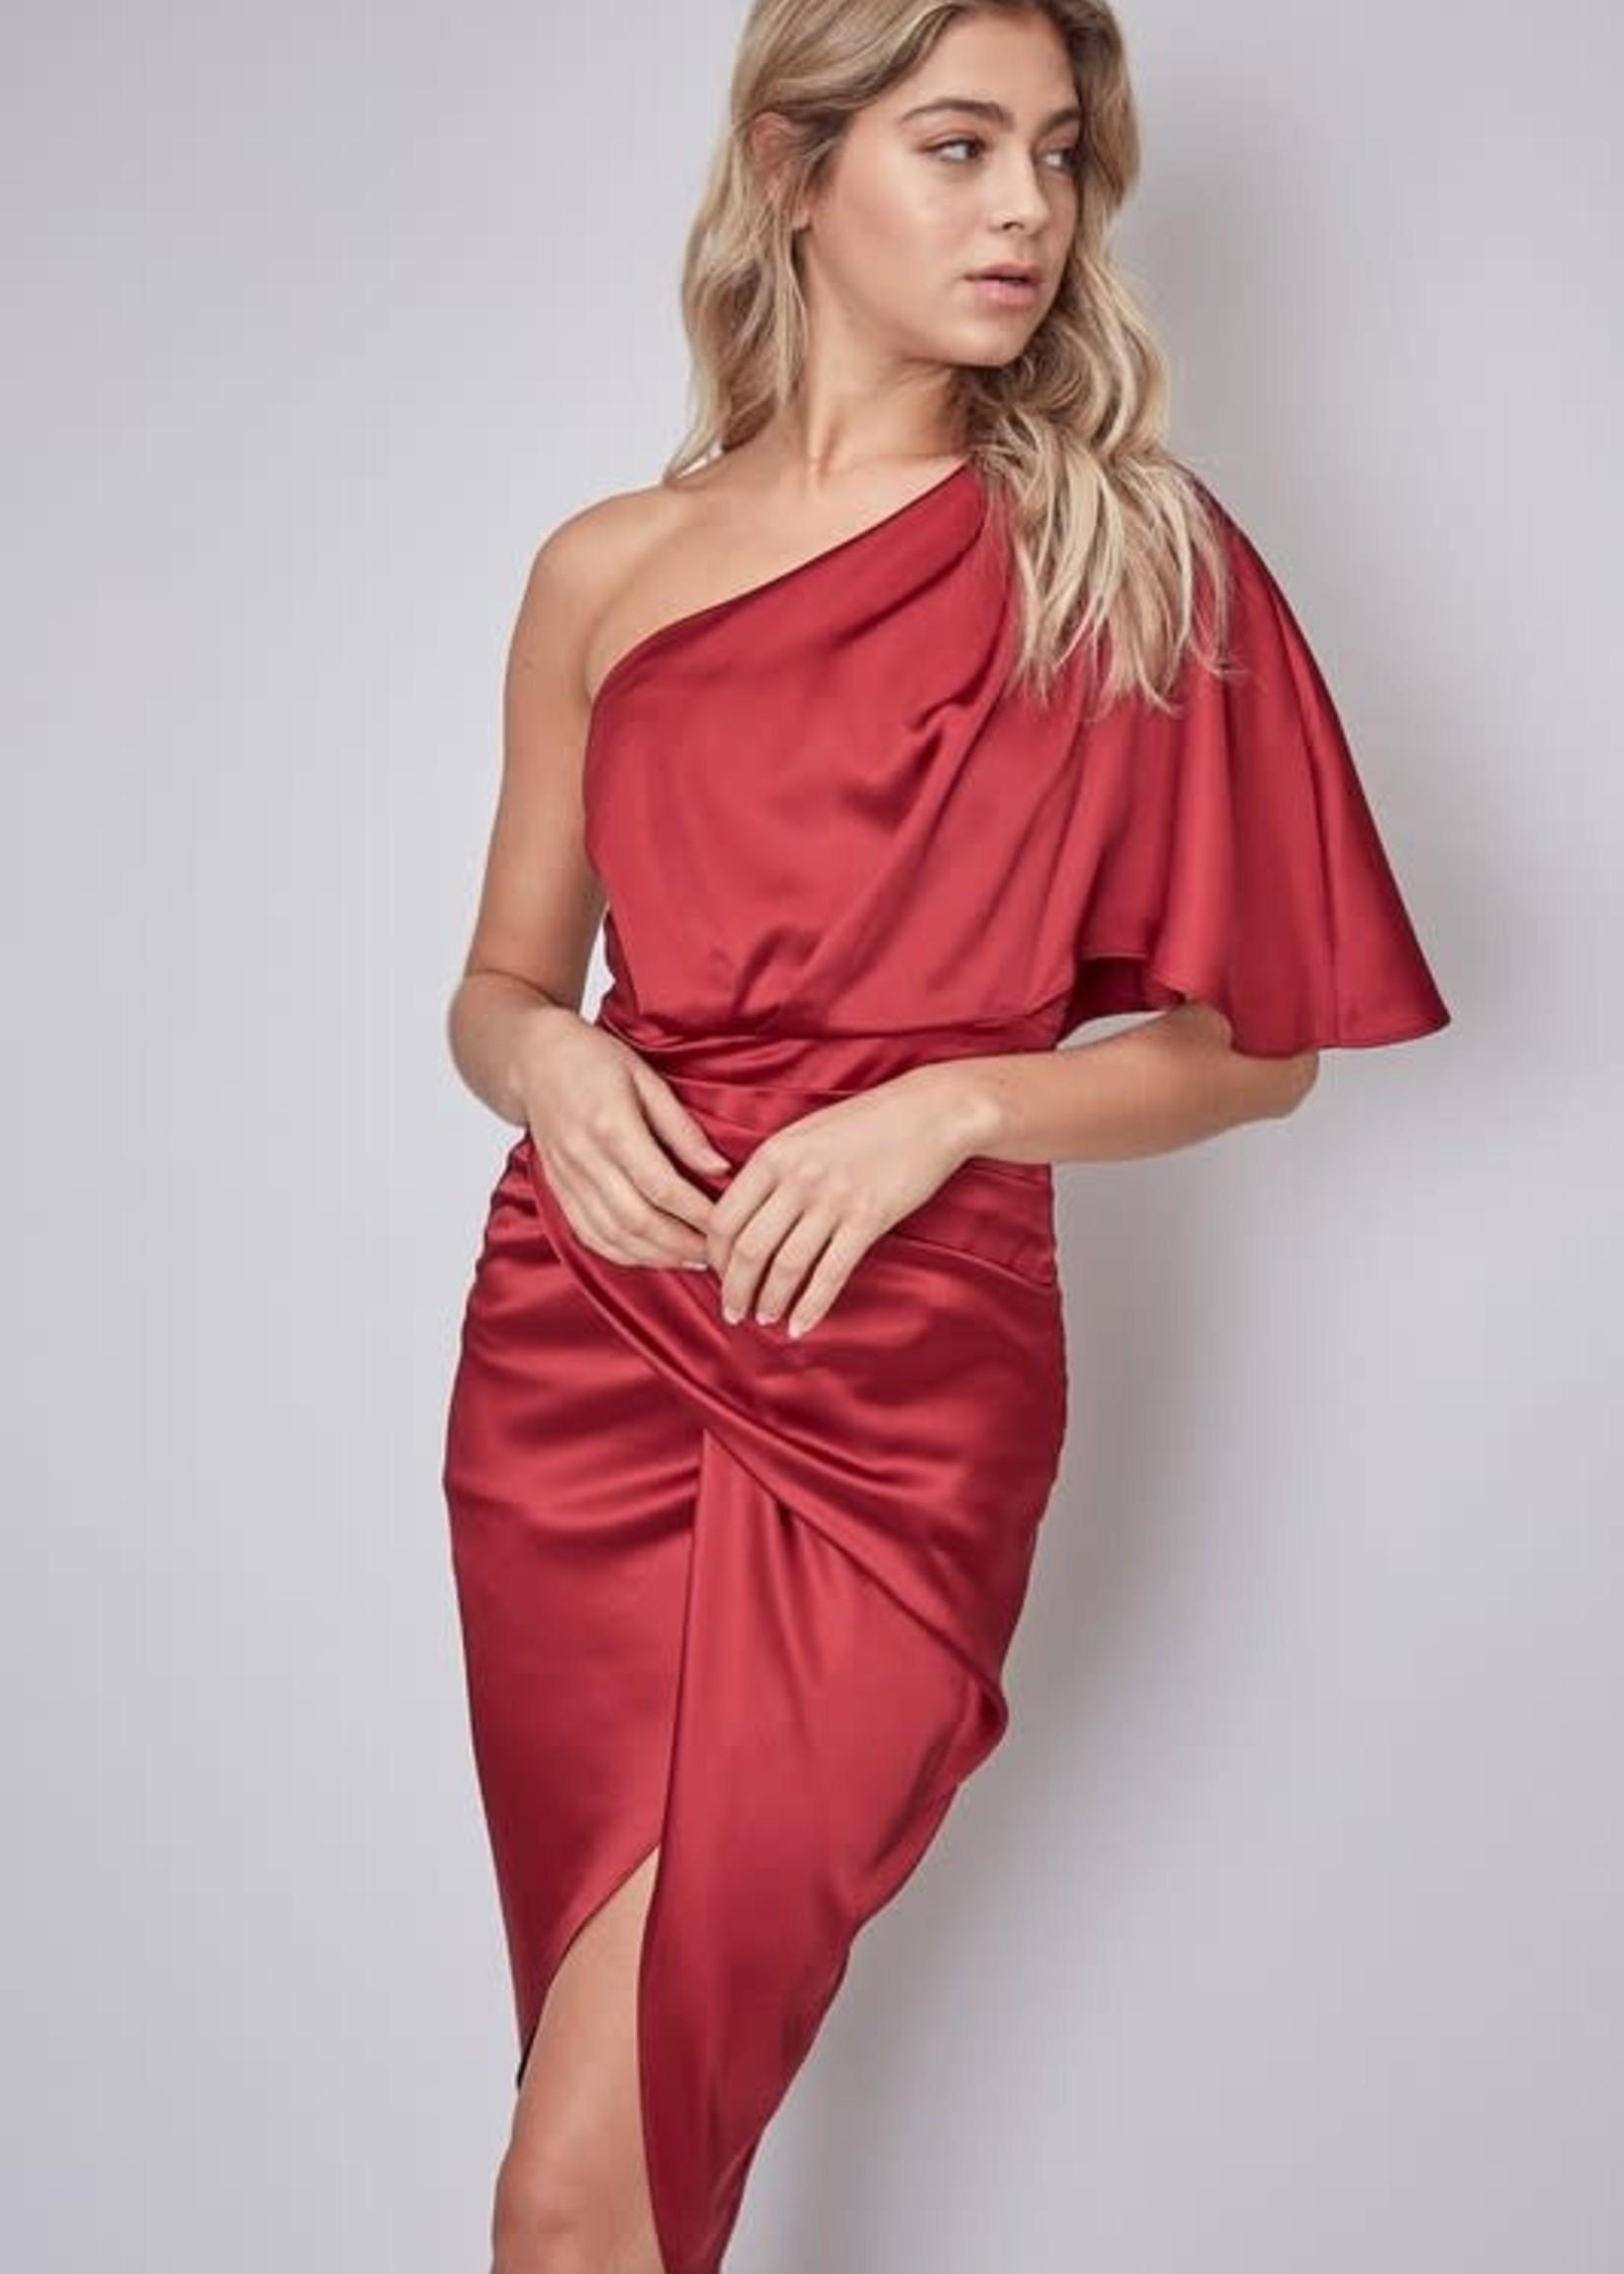 One Shoulder Satin Semi Formal Dress